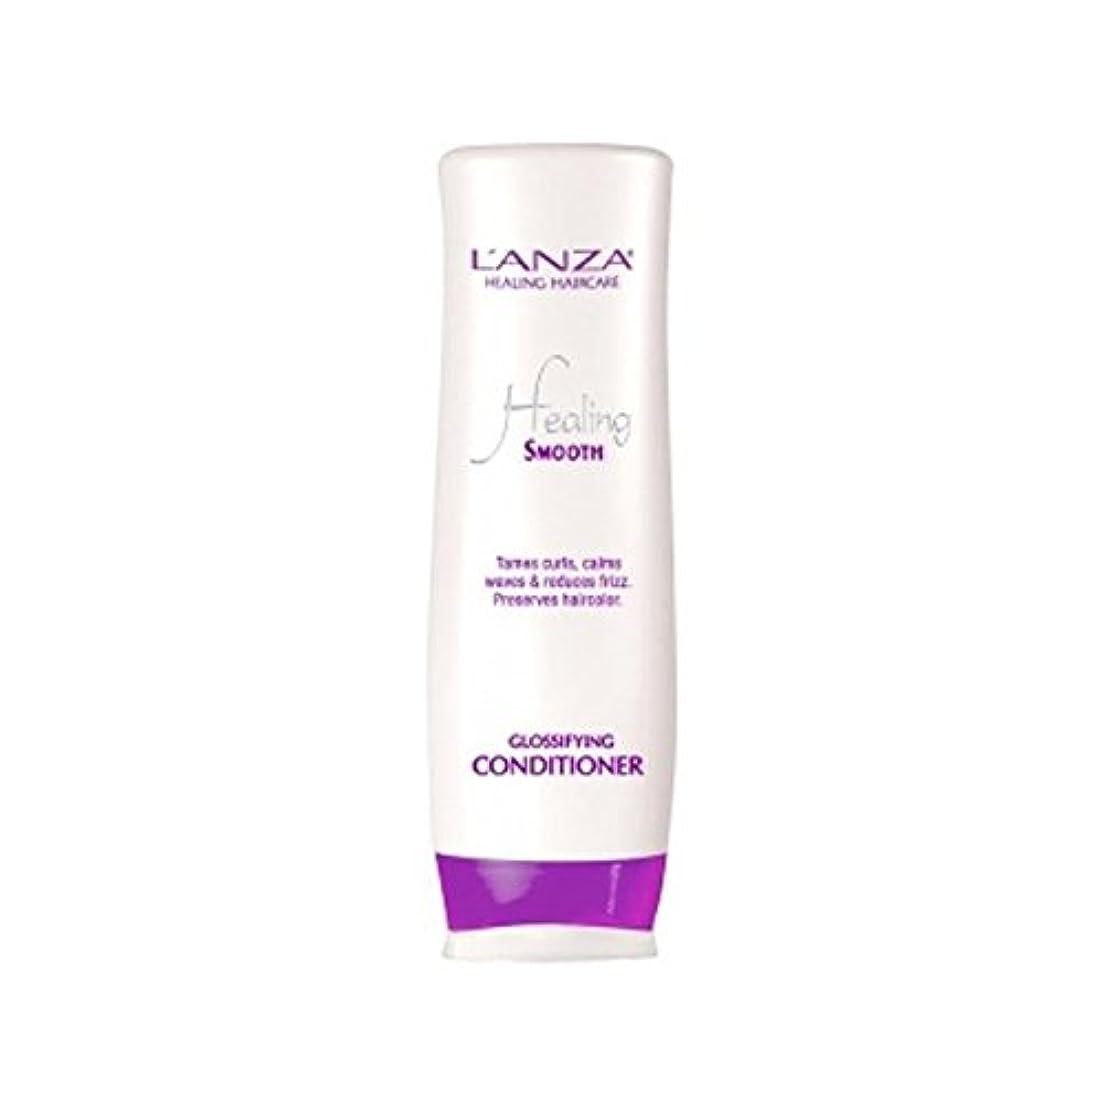 めまいがシンプルな乱用L'Anza Healing Smooth Glossifying Conditioner (250ml) (Pack of 6) - スムーズなコンディショナーを癒し'アンザ(250ミリリットル) x6 [並行輸入品]